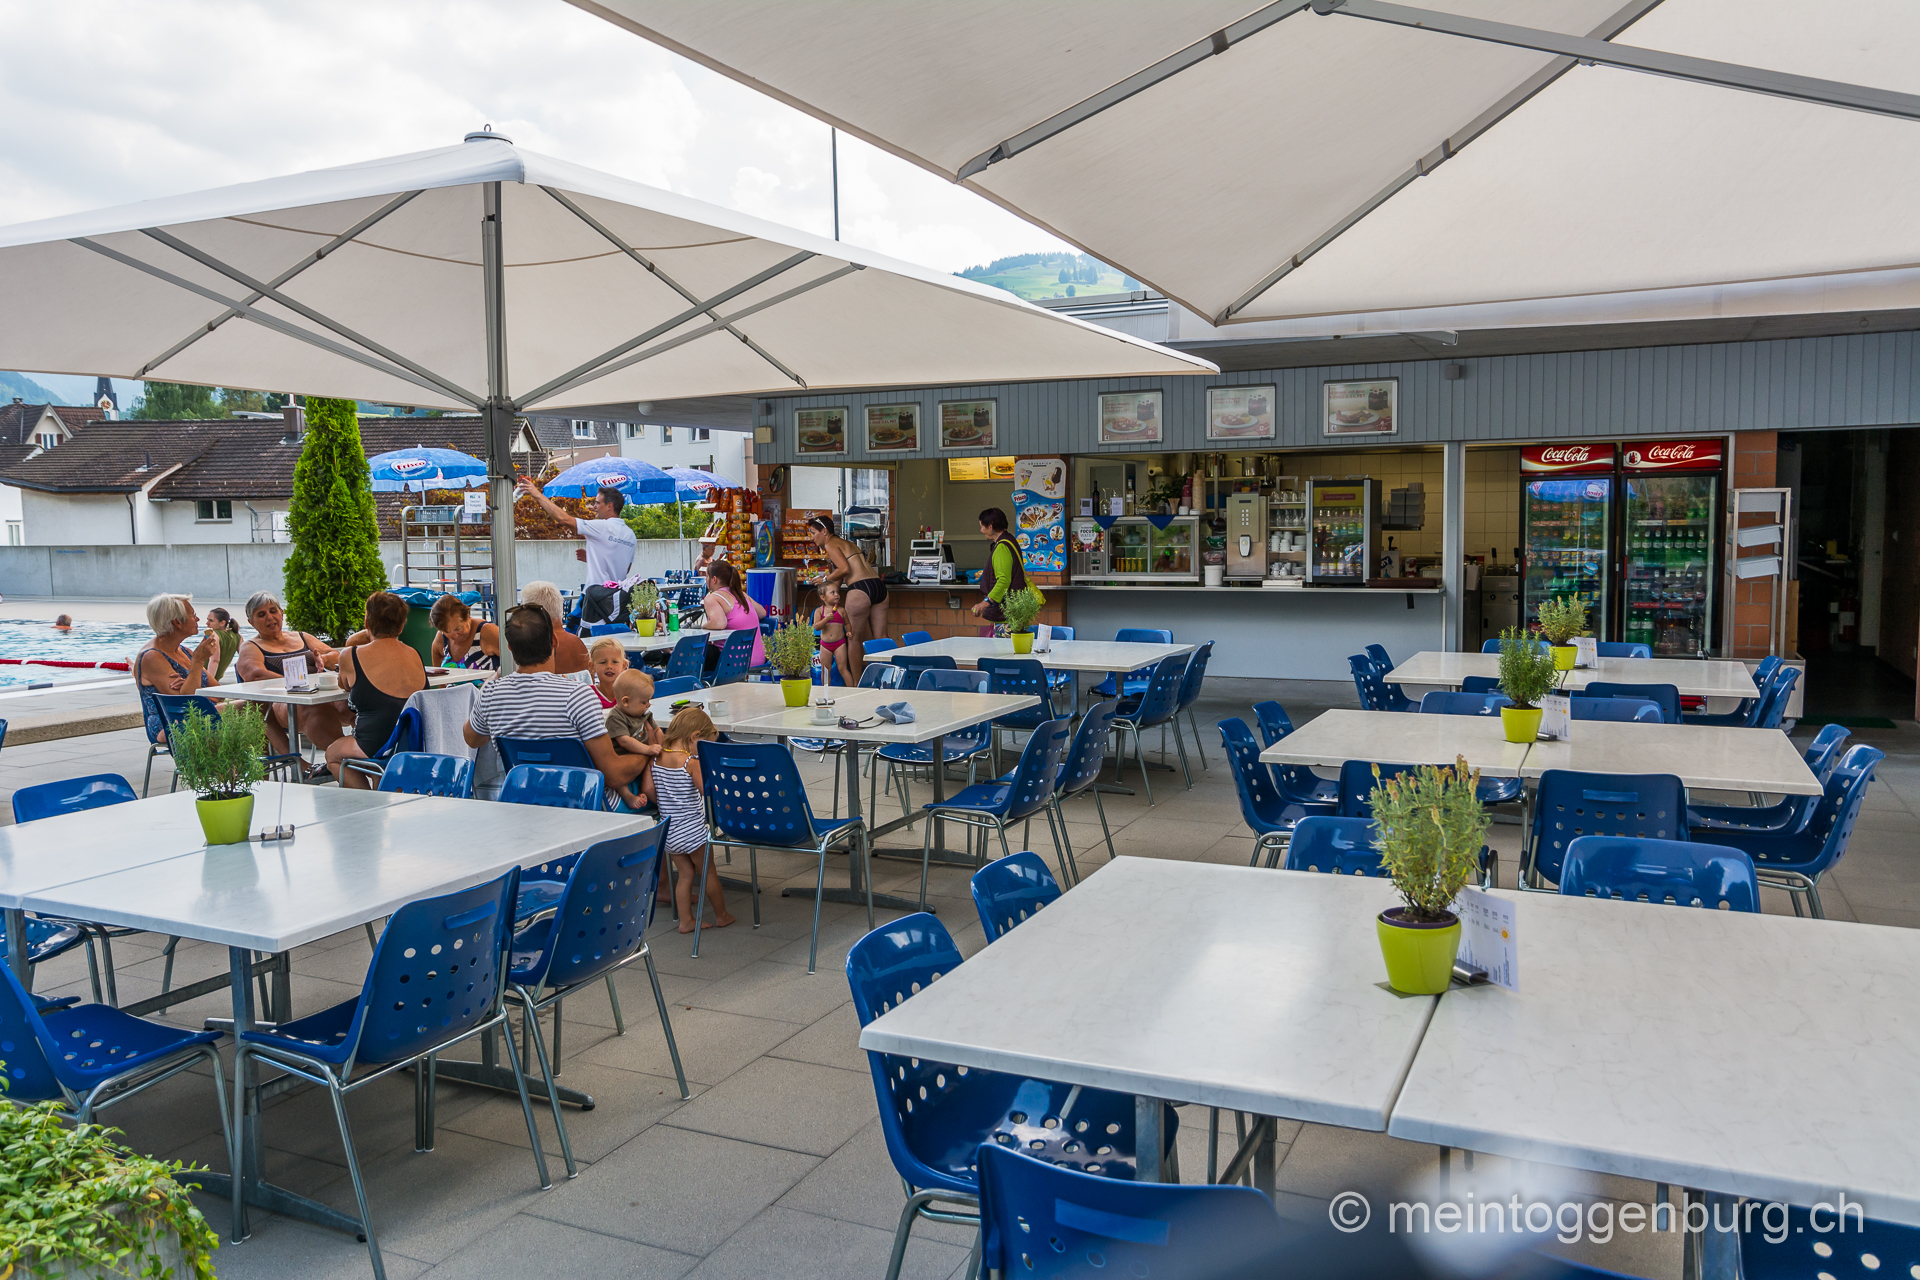 Badi Ebnat-Kappel / Freibad Ebnat-Kappel